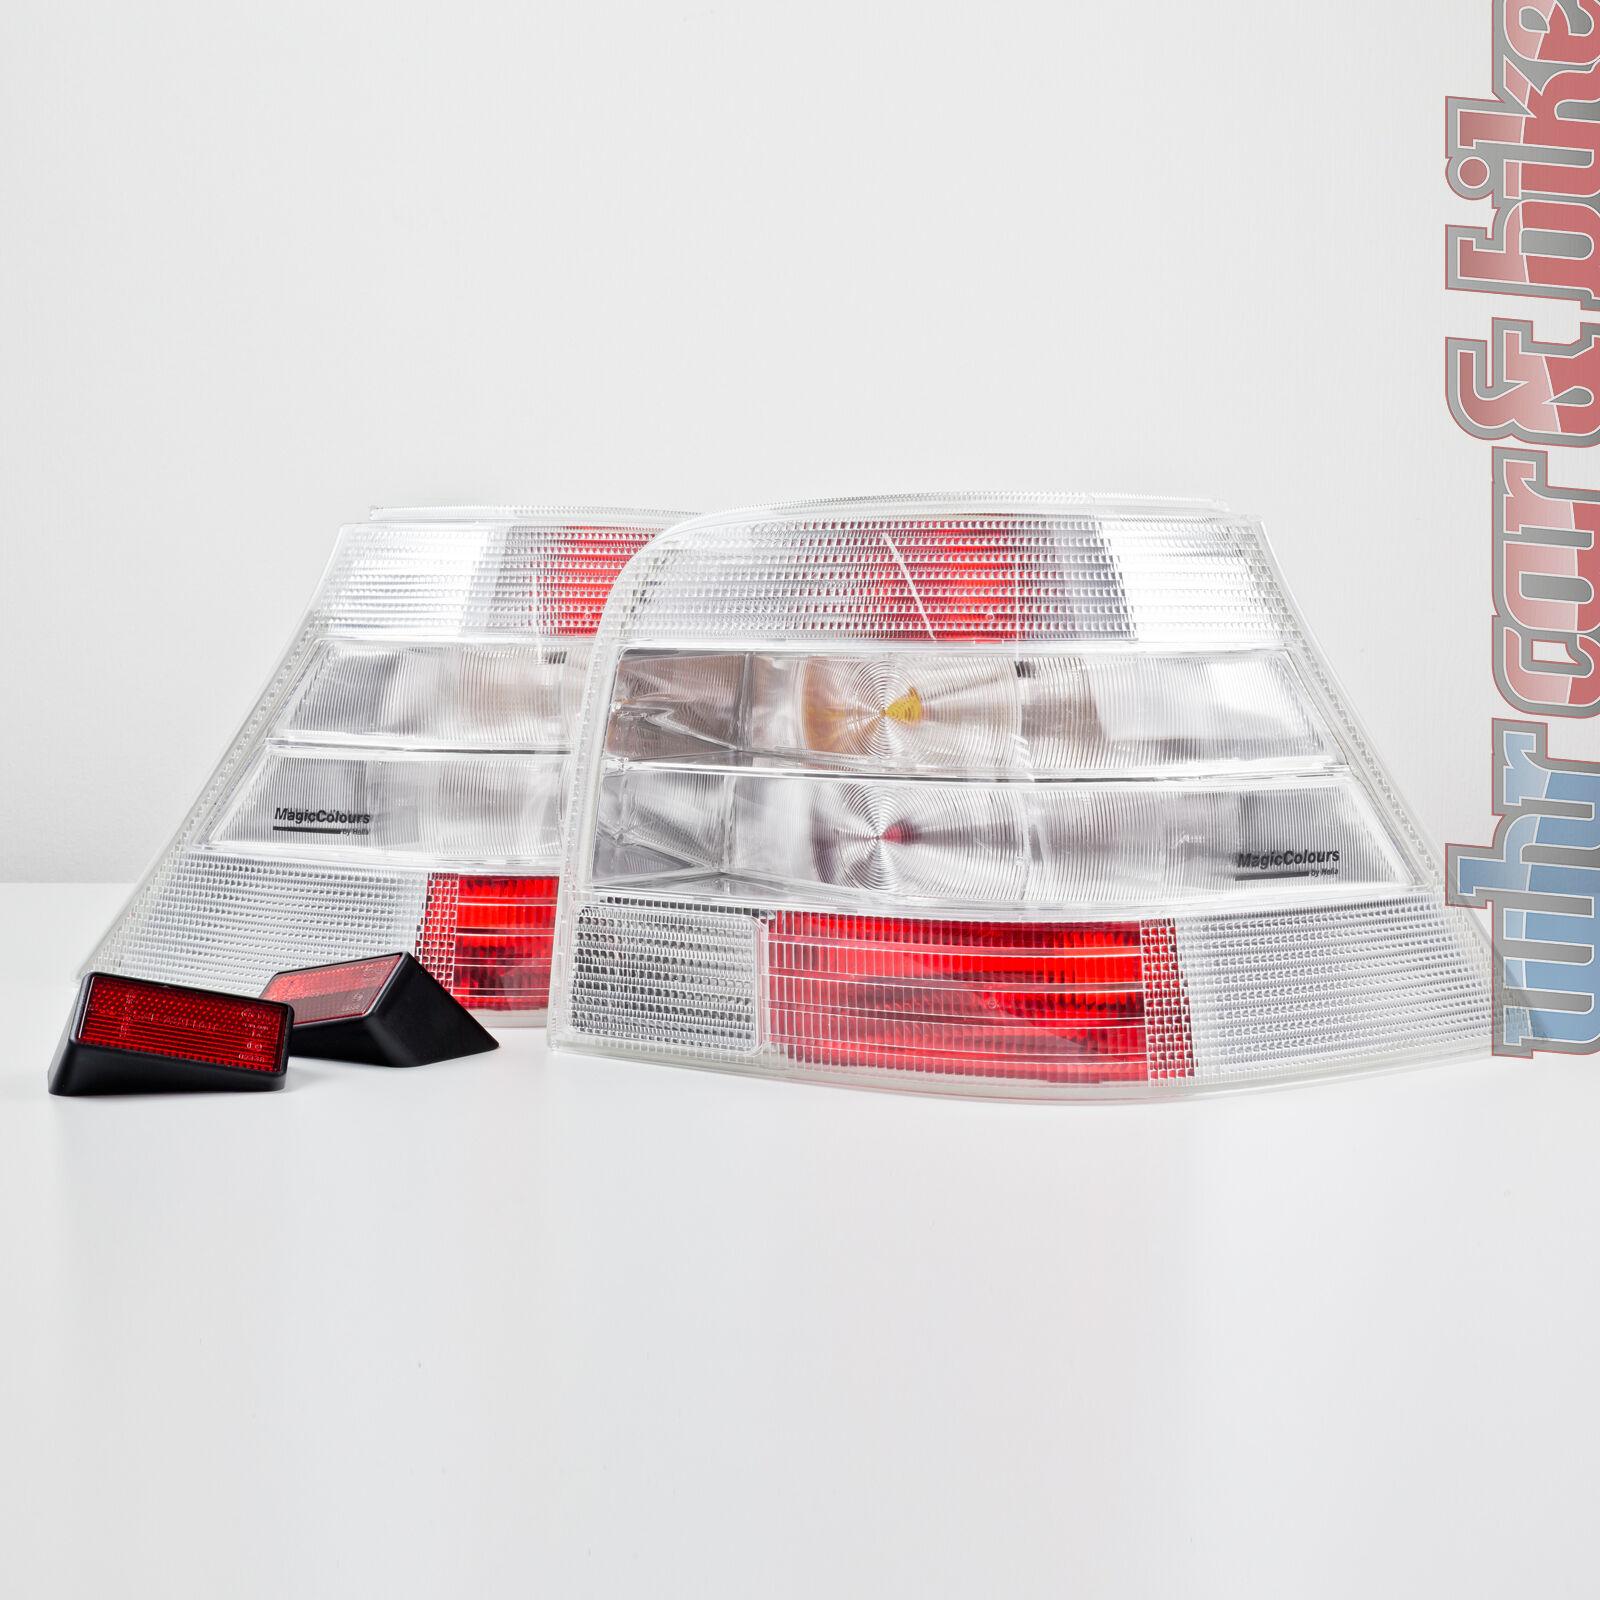 hella heckleuchten set vw golf 5 v kirsch rot. Black Bedroom Furniture Sets. Home Design Ideas